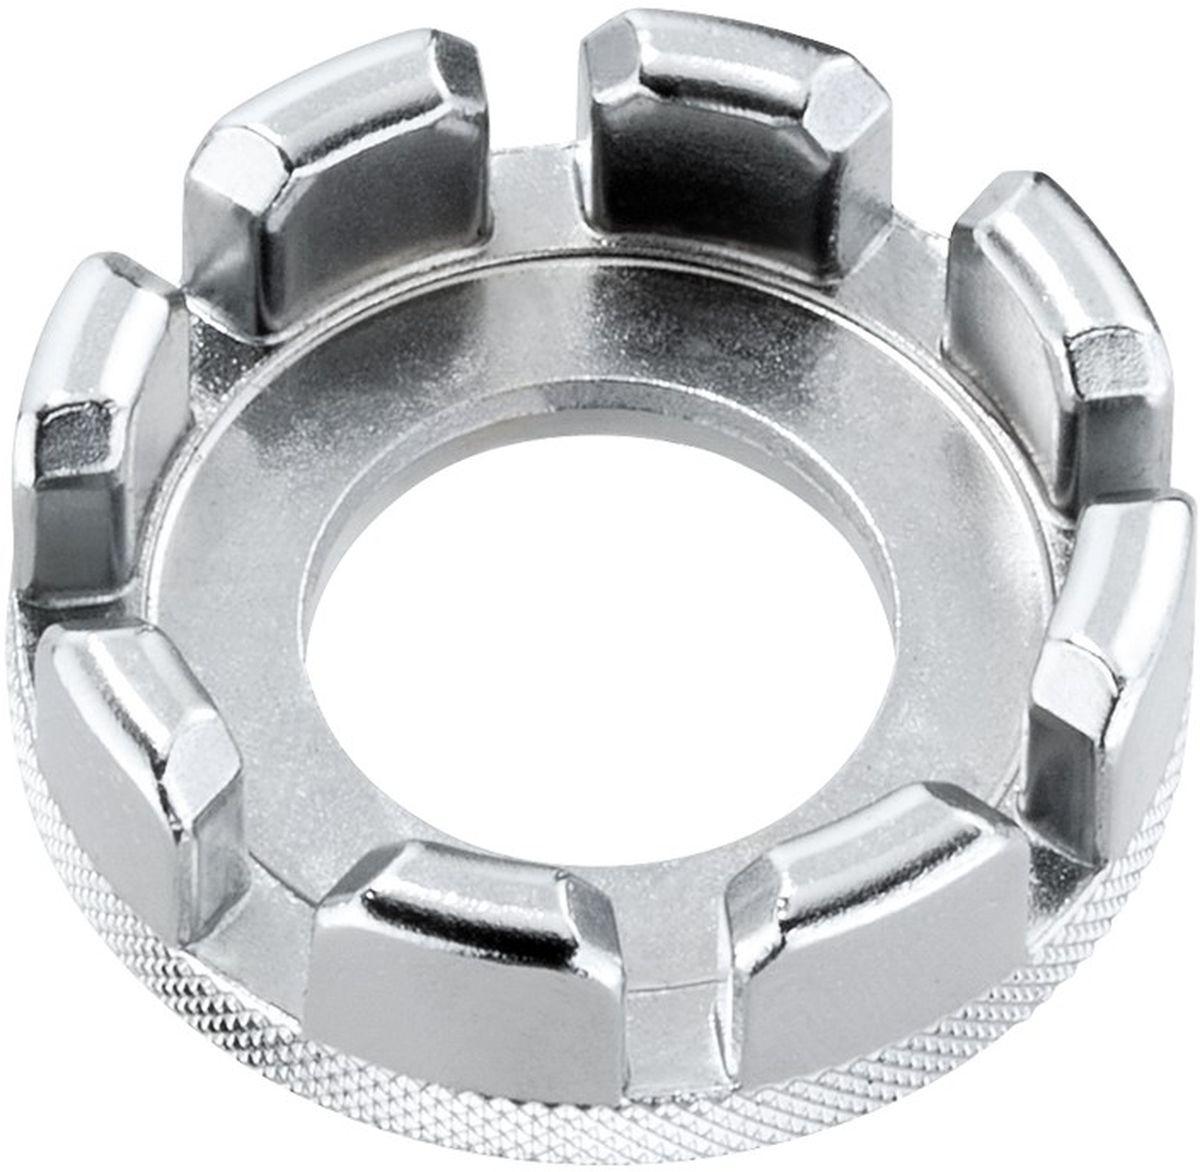 Ключ спицевой TOPEAK Multi Spoke Wrench, 13G/14G/15G or Shimano, 4,3 ммTPS-SP42Универсальный спицевой ключ для всех распространенных типов спицевых ниппелей 13G (3,5 мм)/14G (3,4 мм)/15G (3,2 мм) и Shimano 4,3 мм. Высокопрочная сталь, фрезерованная рабочая поверхность.